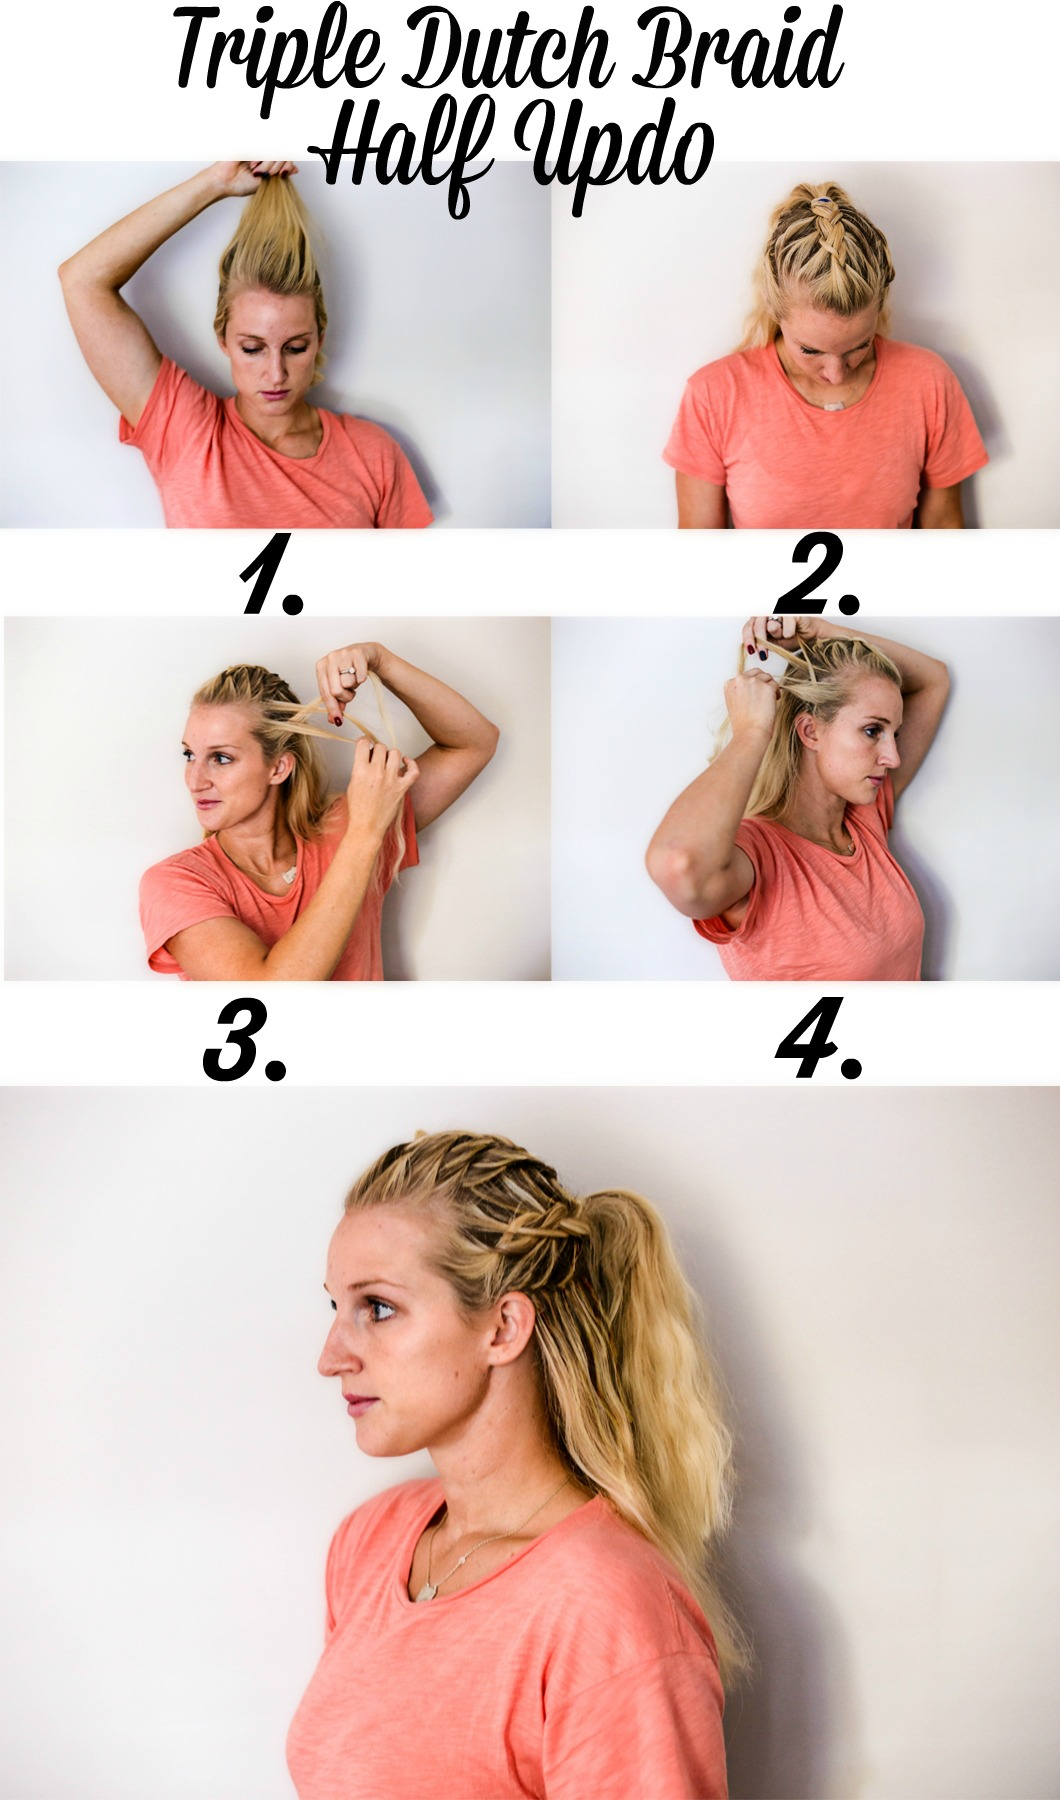 Triple Dutch Braid Half Updo